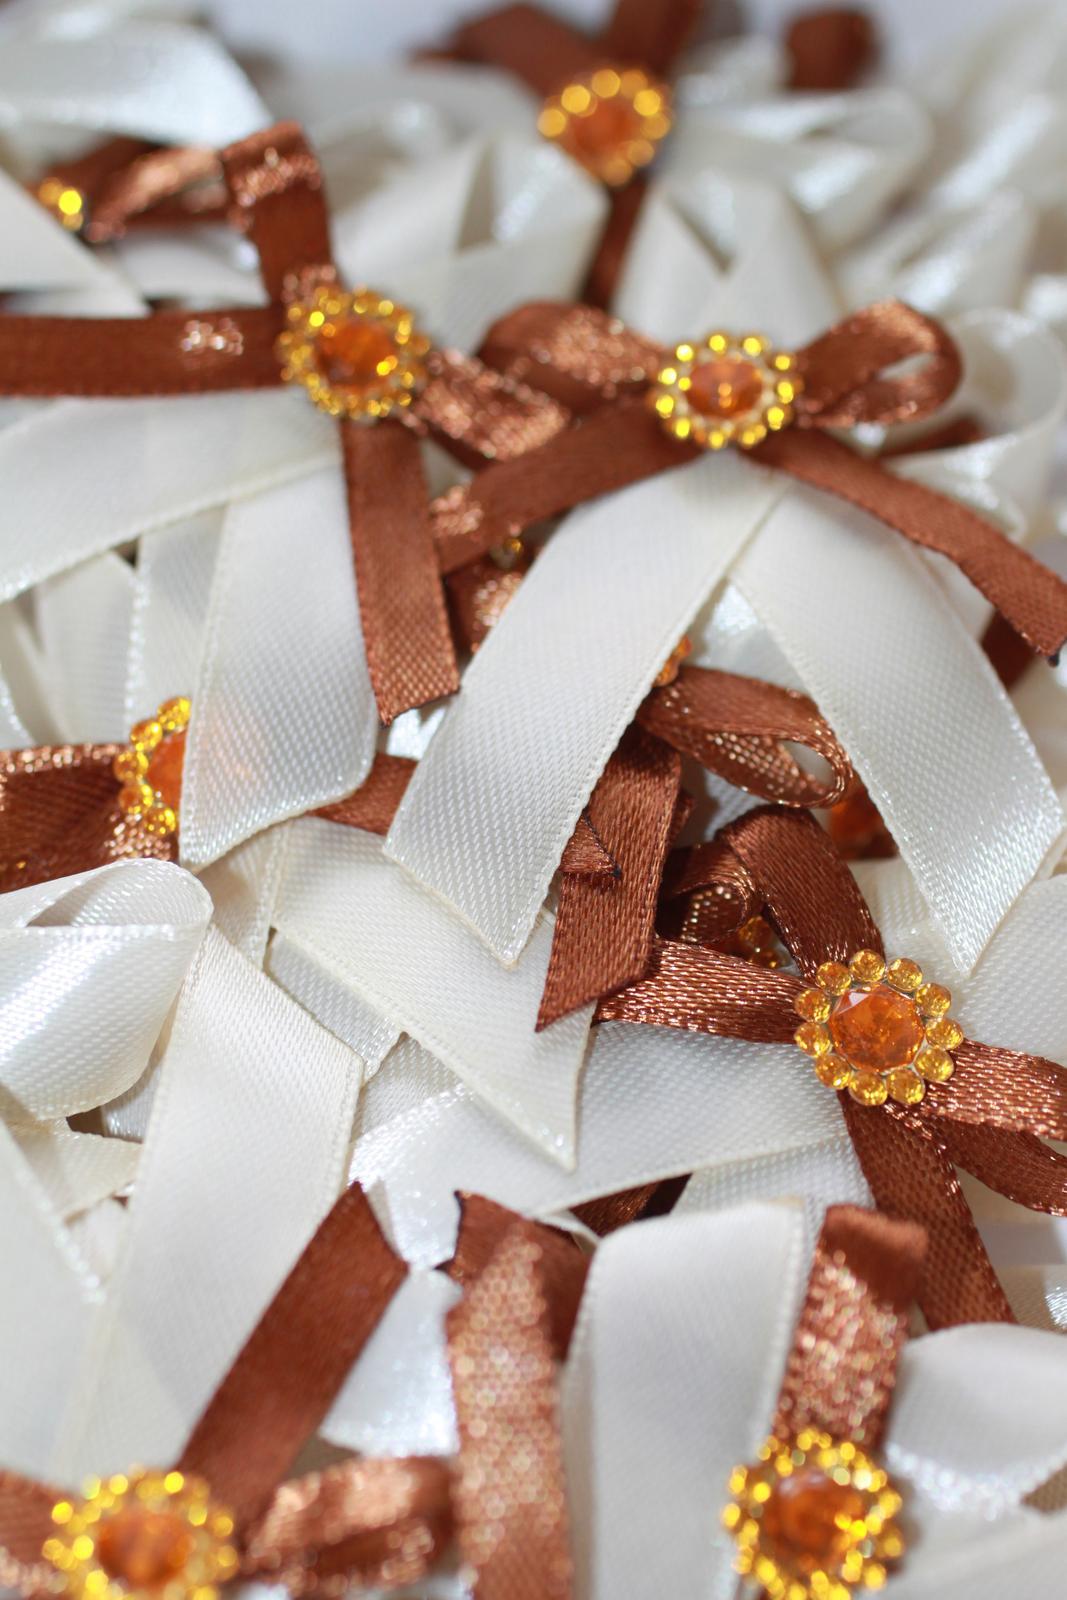 Naše prvé svadobné návrhy a prípravy - Pierka už tiež dokončené :) Ide sa pracovať na menovkách a darčekoch pre detičky :)